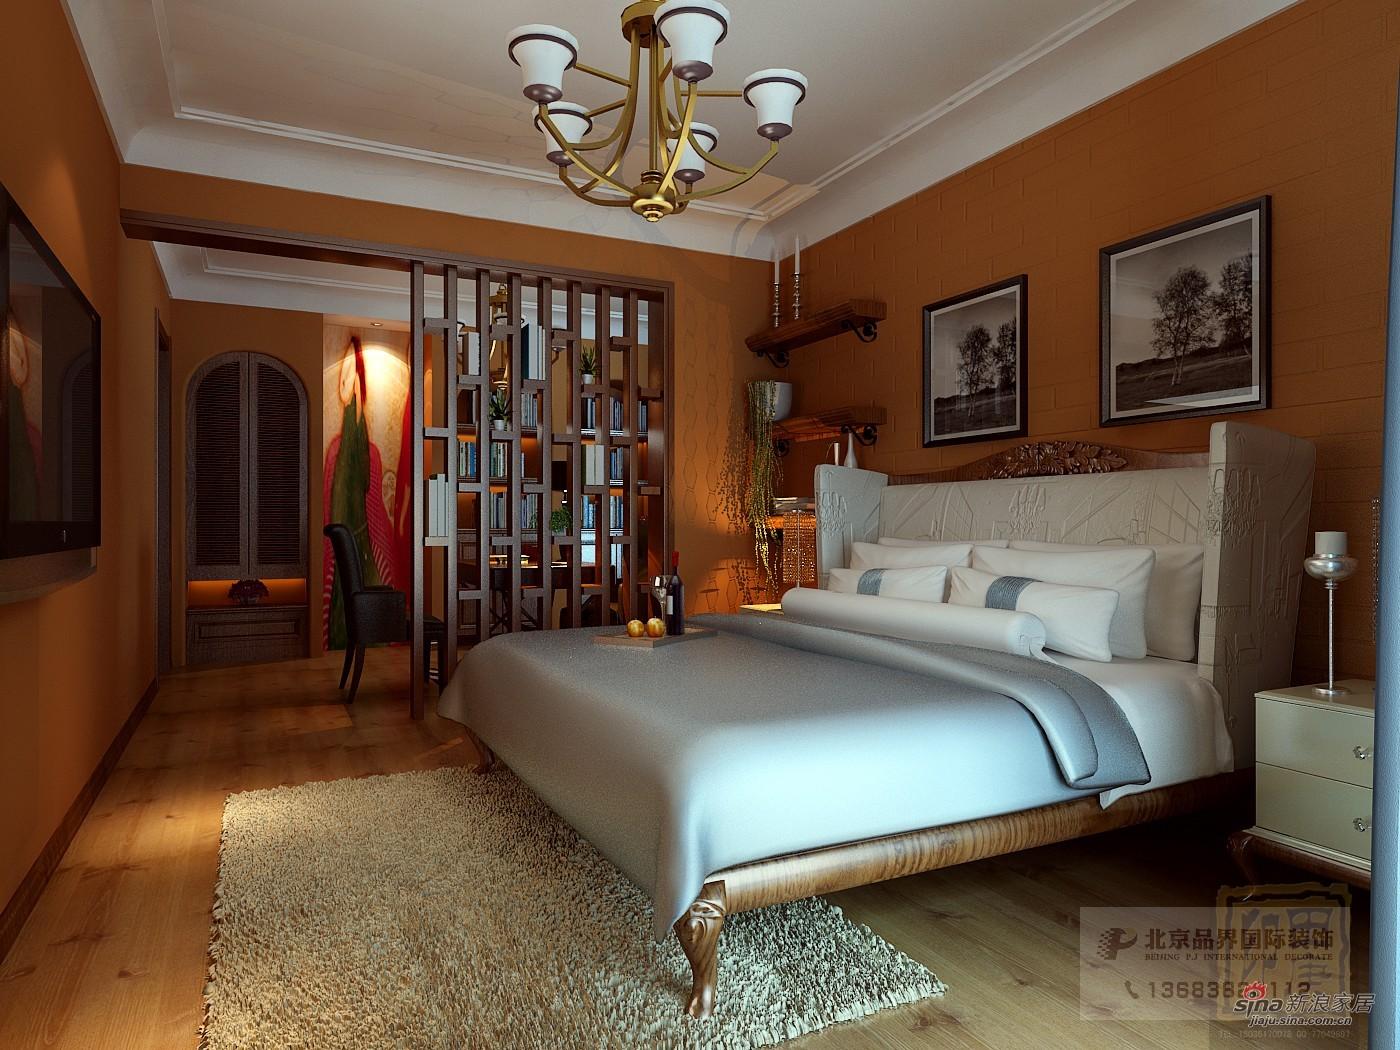 其他 复式 卧室图片来自用户2558757937在【多图】都市自然生活46的分享